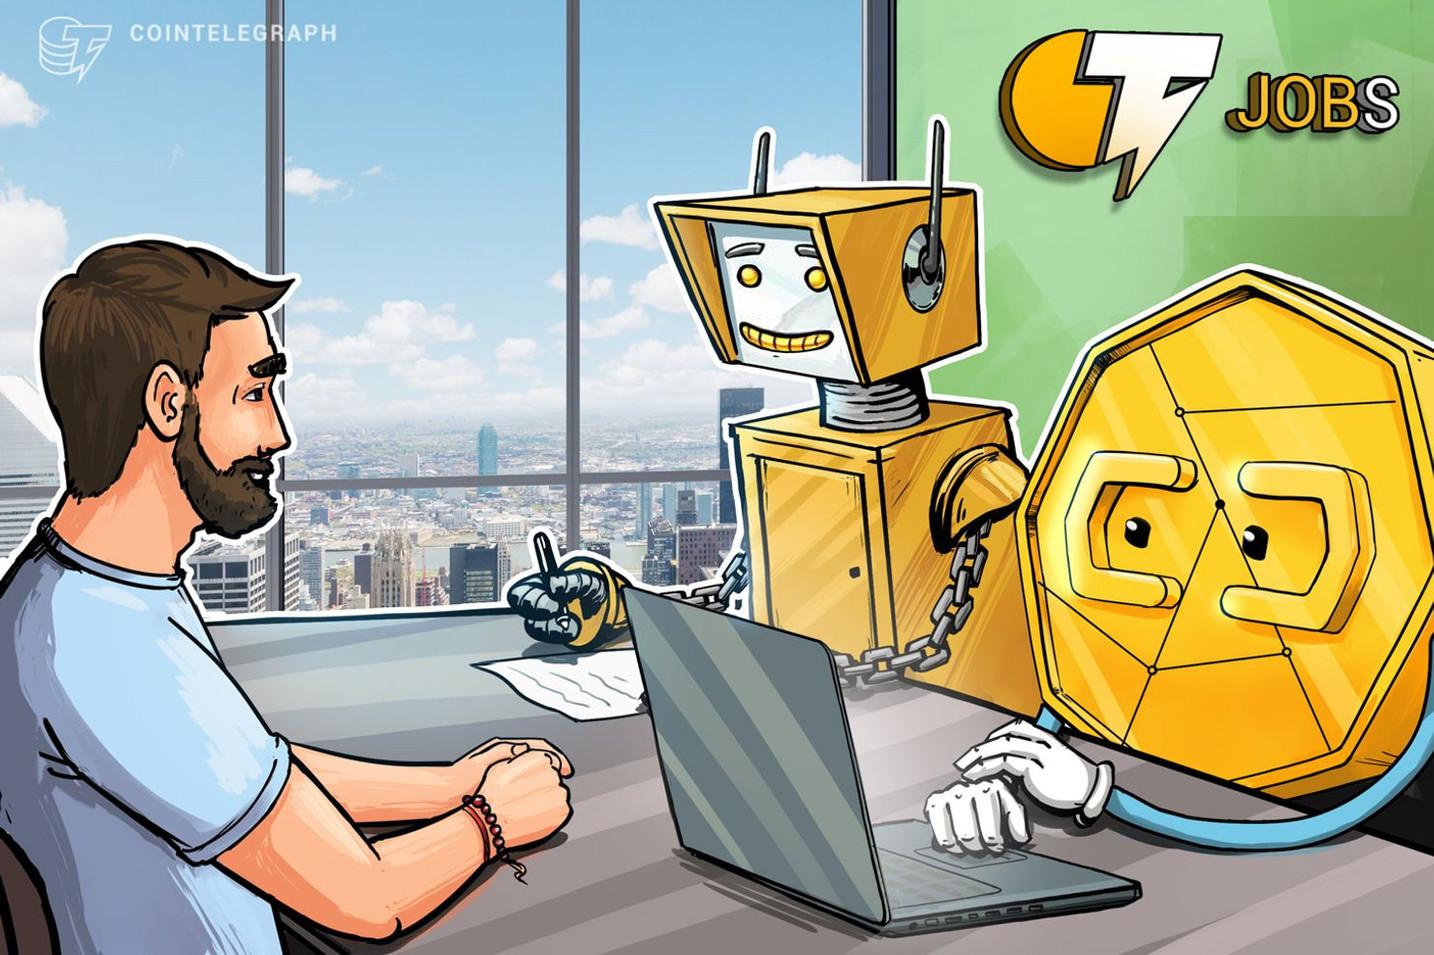 ¡Millones de personas perdiendo sus empleos! ¿Qué puede hacer Bitcoin por ellos?